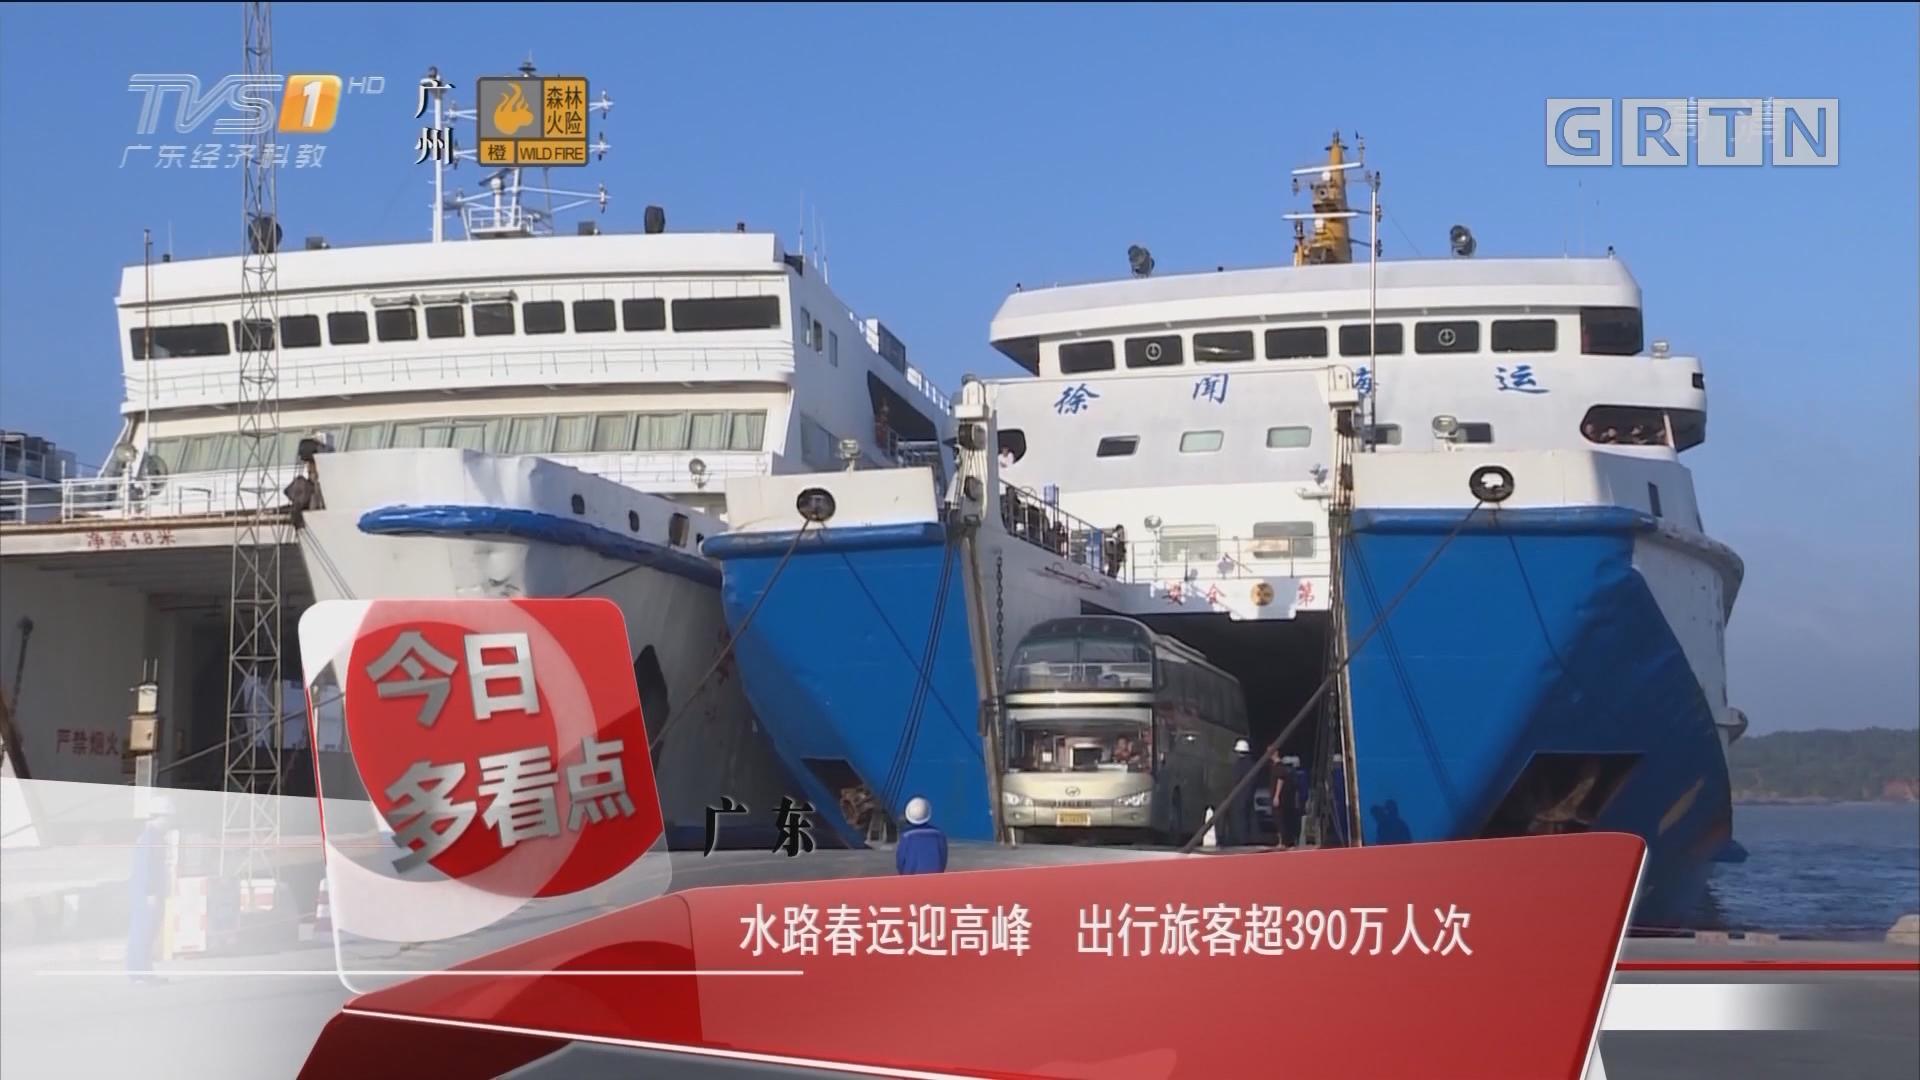 广东:水路春运迎高峰 出行旅客超390万人次